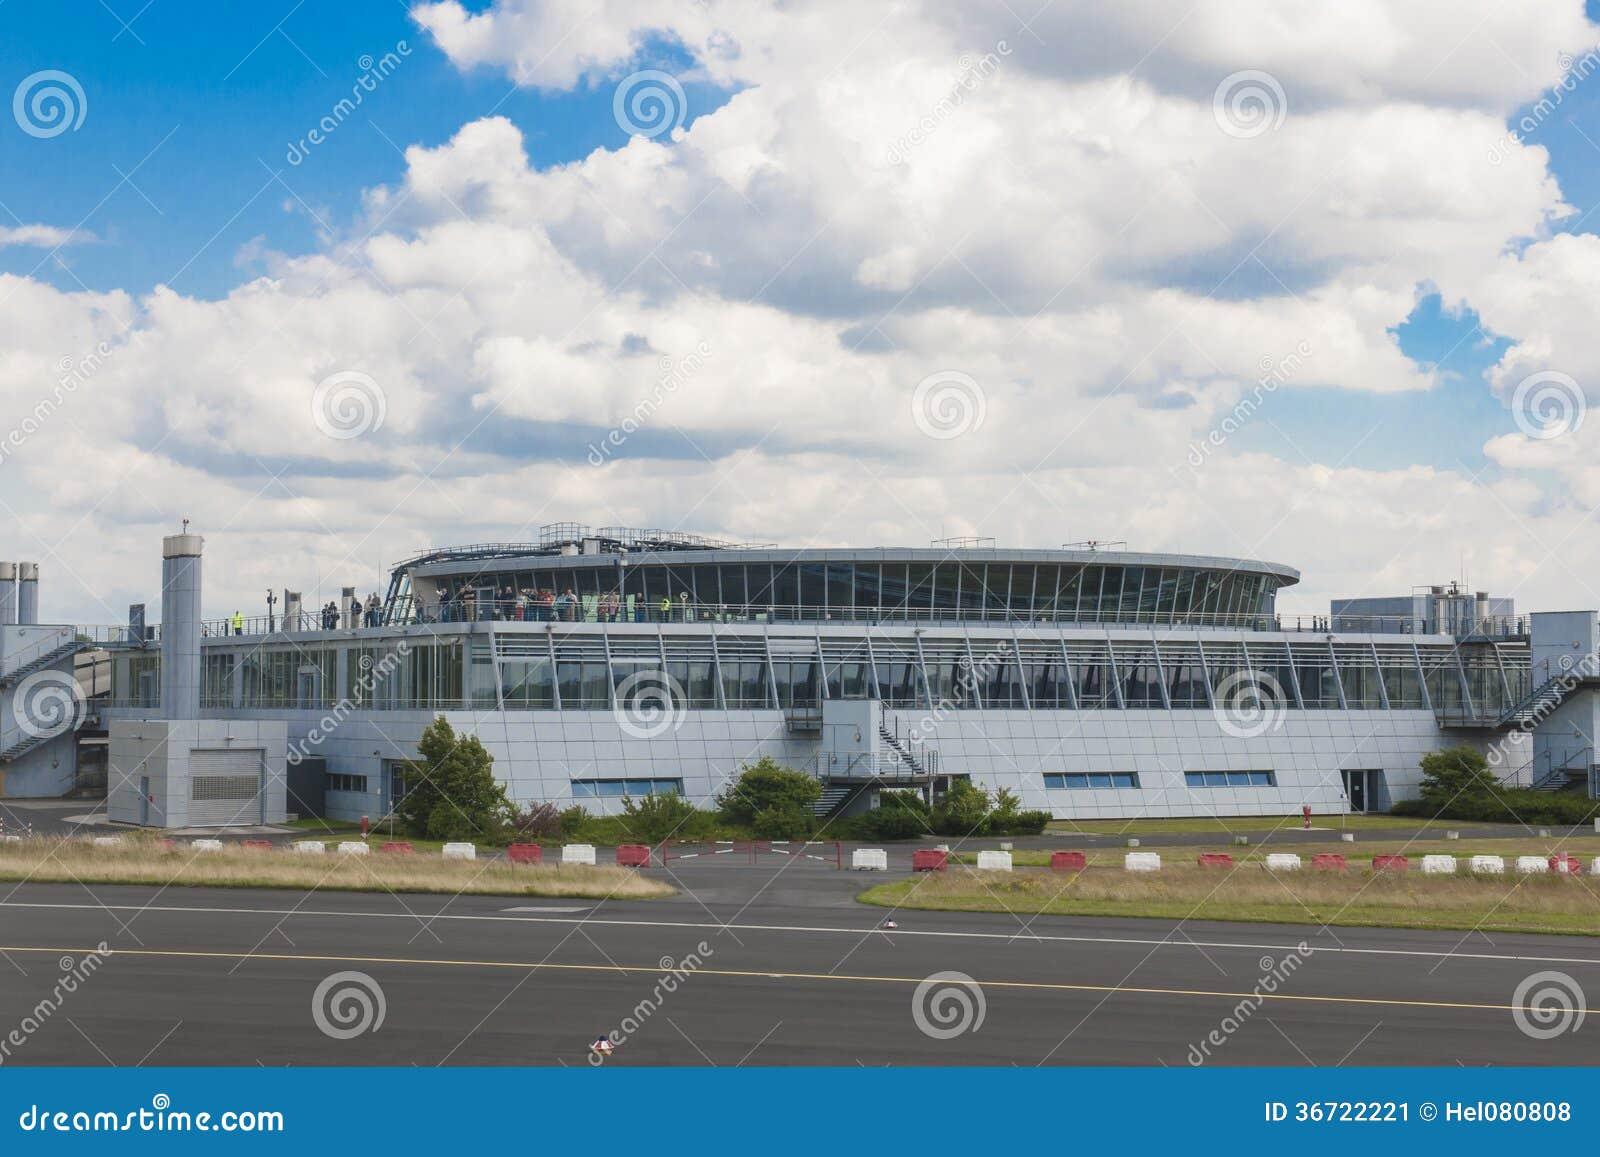 Авиапорт Дюссельдорф